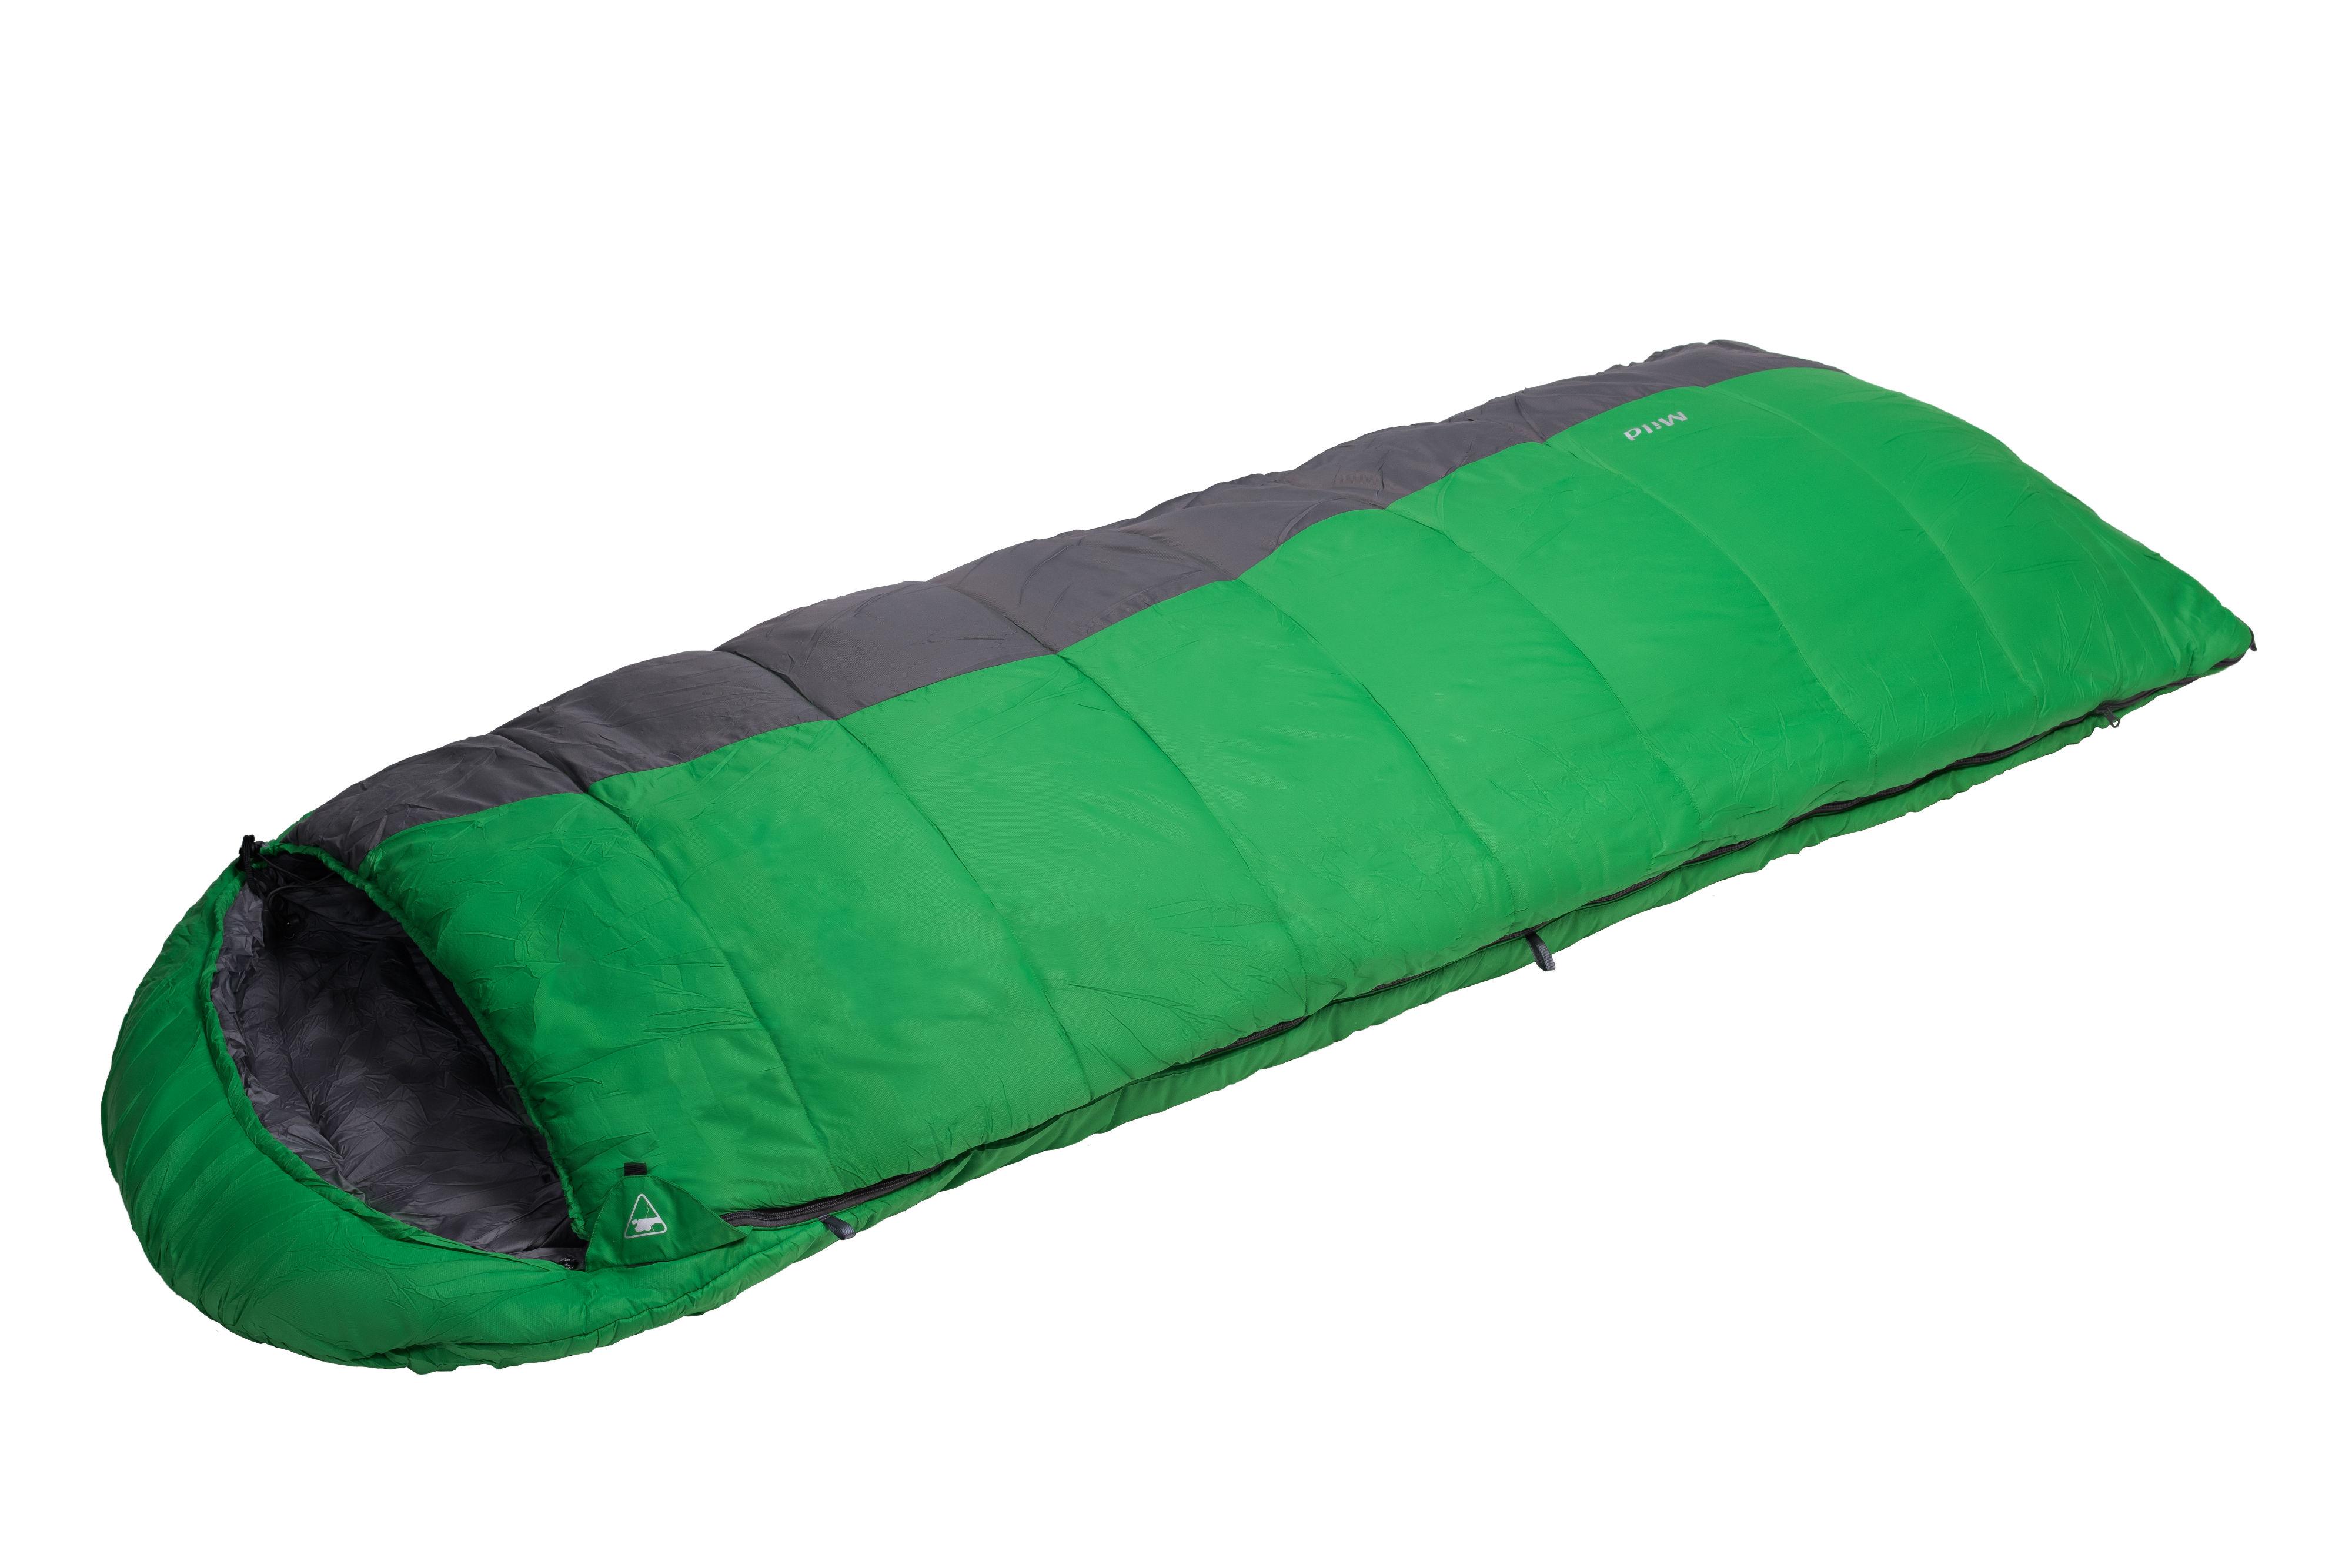 Спальный мешок BASK MILD 5975Спальные мешки<br>Спальник одеяло с подголовником до -15 °C, с двумя слоями утеплителя Thermolite® Extra. Поперечная молния позволяет трансформировать спальный мешок в одеяло.<br><br>Верхняя ткань: Nylon 30D Diamond Rip stop<br>Вес без упаковки: 1760<br>Вес упаковки: 110<br>Внутренняя ткань: Pongee®<br>Количество слоев утеплителя: 2<br>Назначение: Туристический<br>Наличие карманов: Да<br>Наполнитель: Thermolite® Extra<br>Подголовник/Капюшон: Да<br>Пол: Унисекс<br>Размер в упакованном виде (диаметр х длина): 21х41<br>Размеры наружные (внутренние): 235x200x90<br>Система расположения слоев утеплителя или пуховых пакетов: Продольная<br>Температура комфорта °C: 5<br>Тесьма вдоль планки: Да<br>Тип молнии: Разъемная<br>Тип утеплителя: Синтетический<br>Утеплитель: Thermolite® Extra<br>Утепляющая планка: Да<br>Форма: Одеяло<br>Шейный пакет: Да<br>Экстремальная температура °C: -15